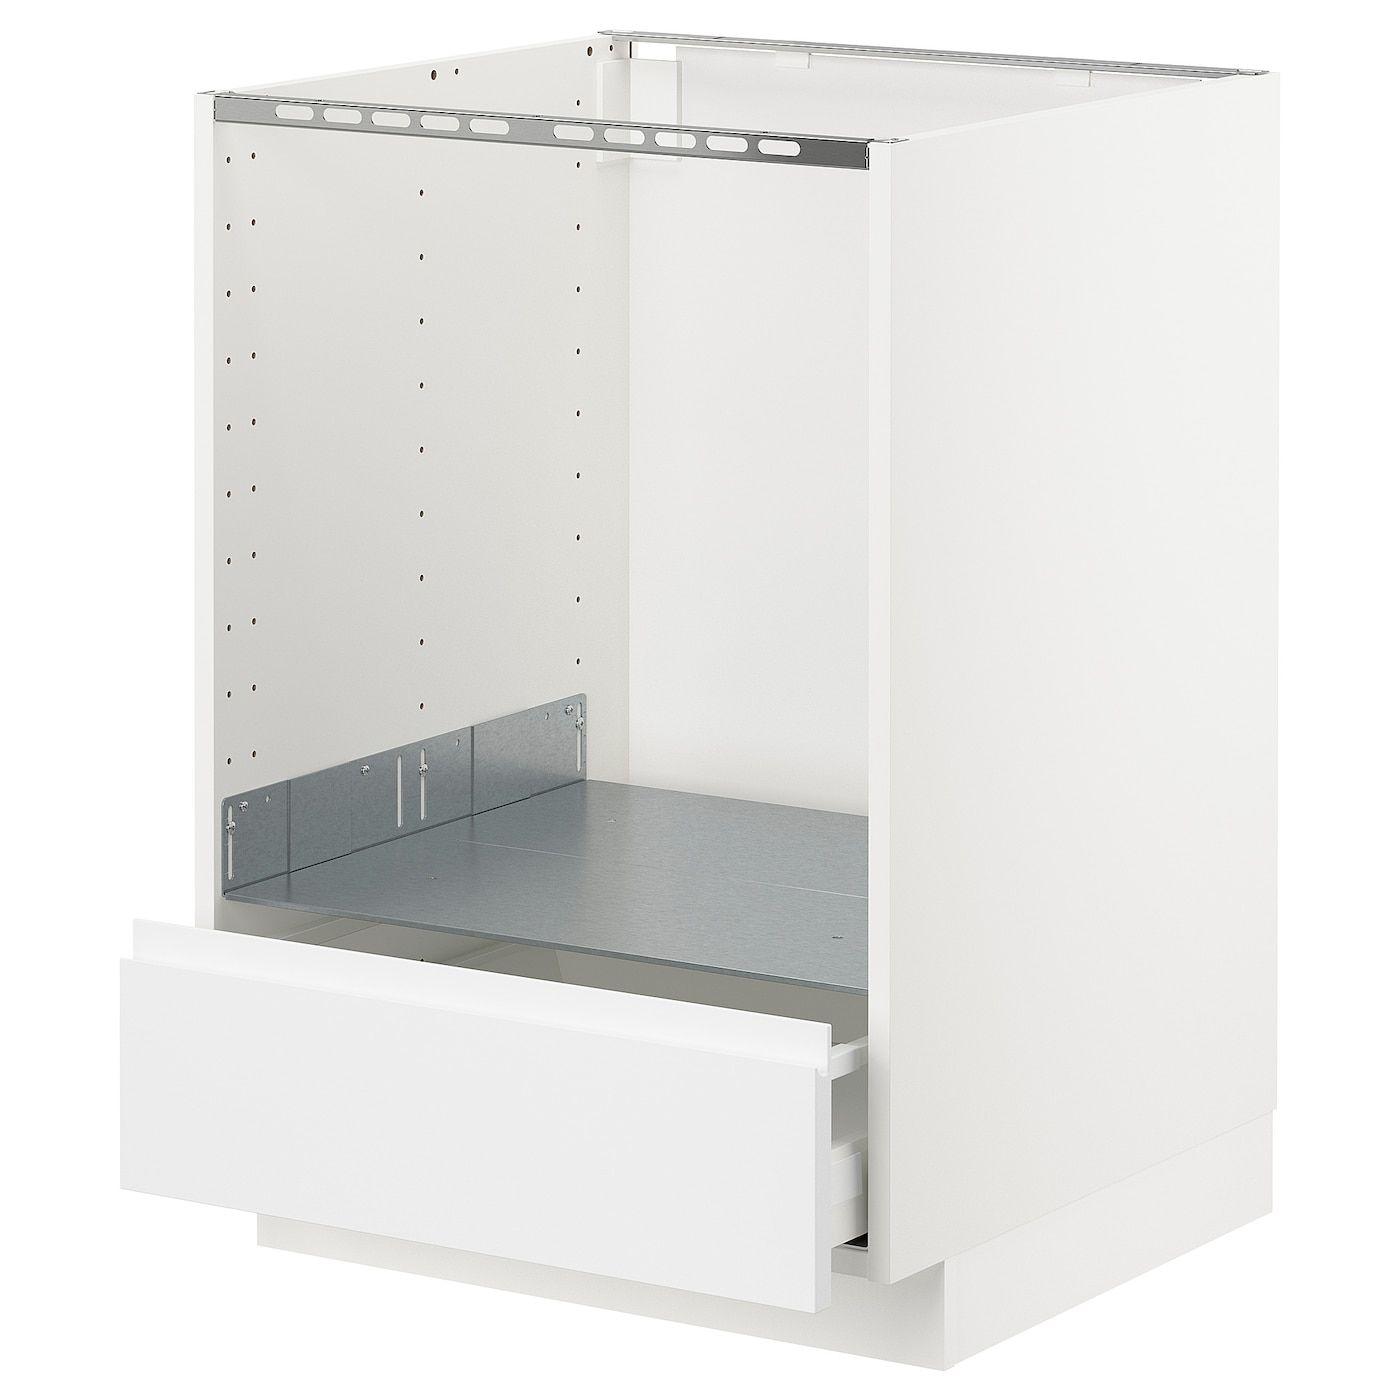 Ikea Metod Maximera Unterschrank F Uuml R Ofen Mit Schublade N Wei Szlig Voxtorp Wei Szlig Matt In 2020 Metod Unterschrank Unterschrank Ausziehbare Schublade